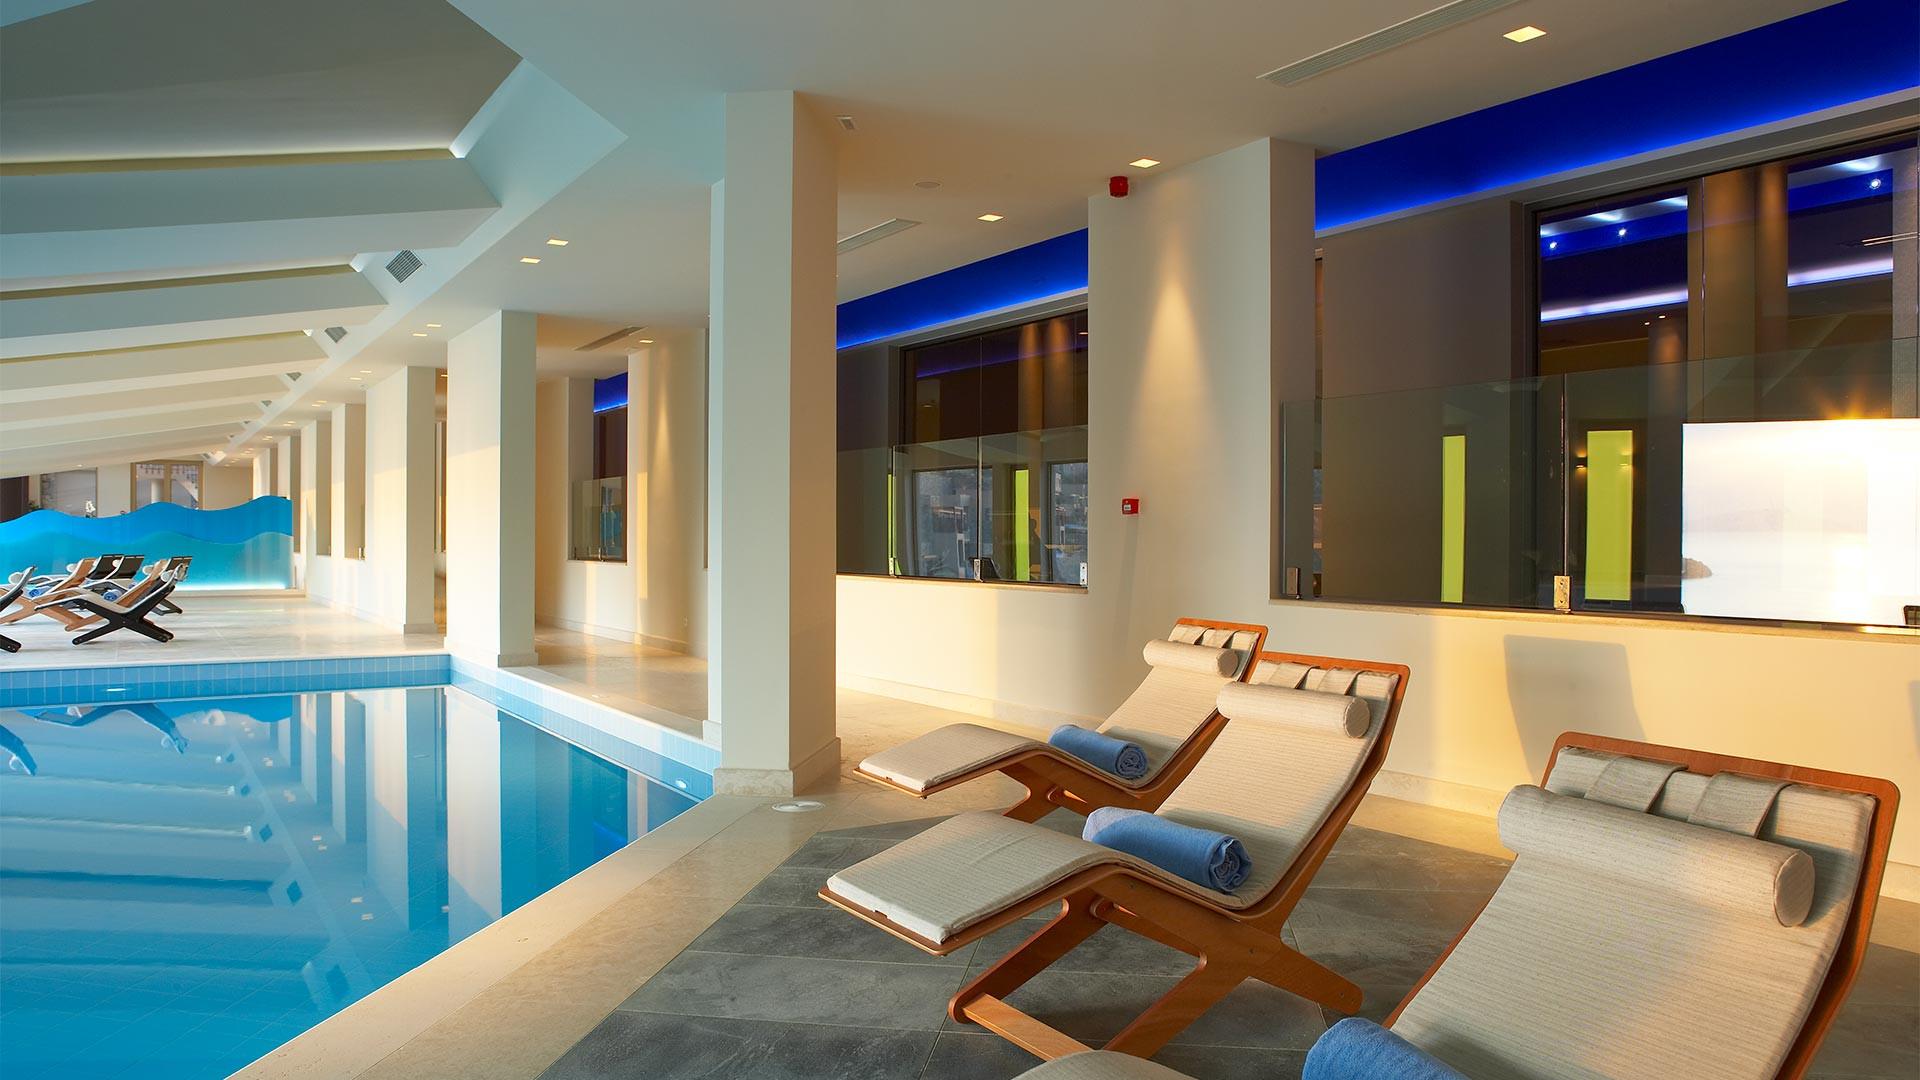 The spa at Daios Cove